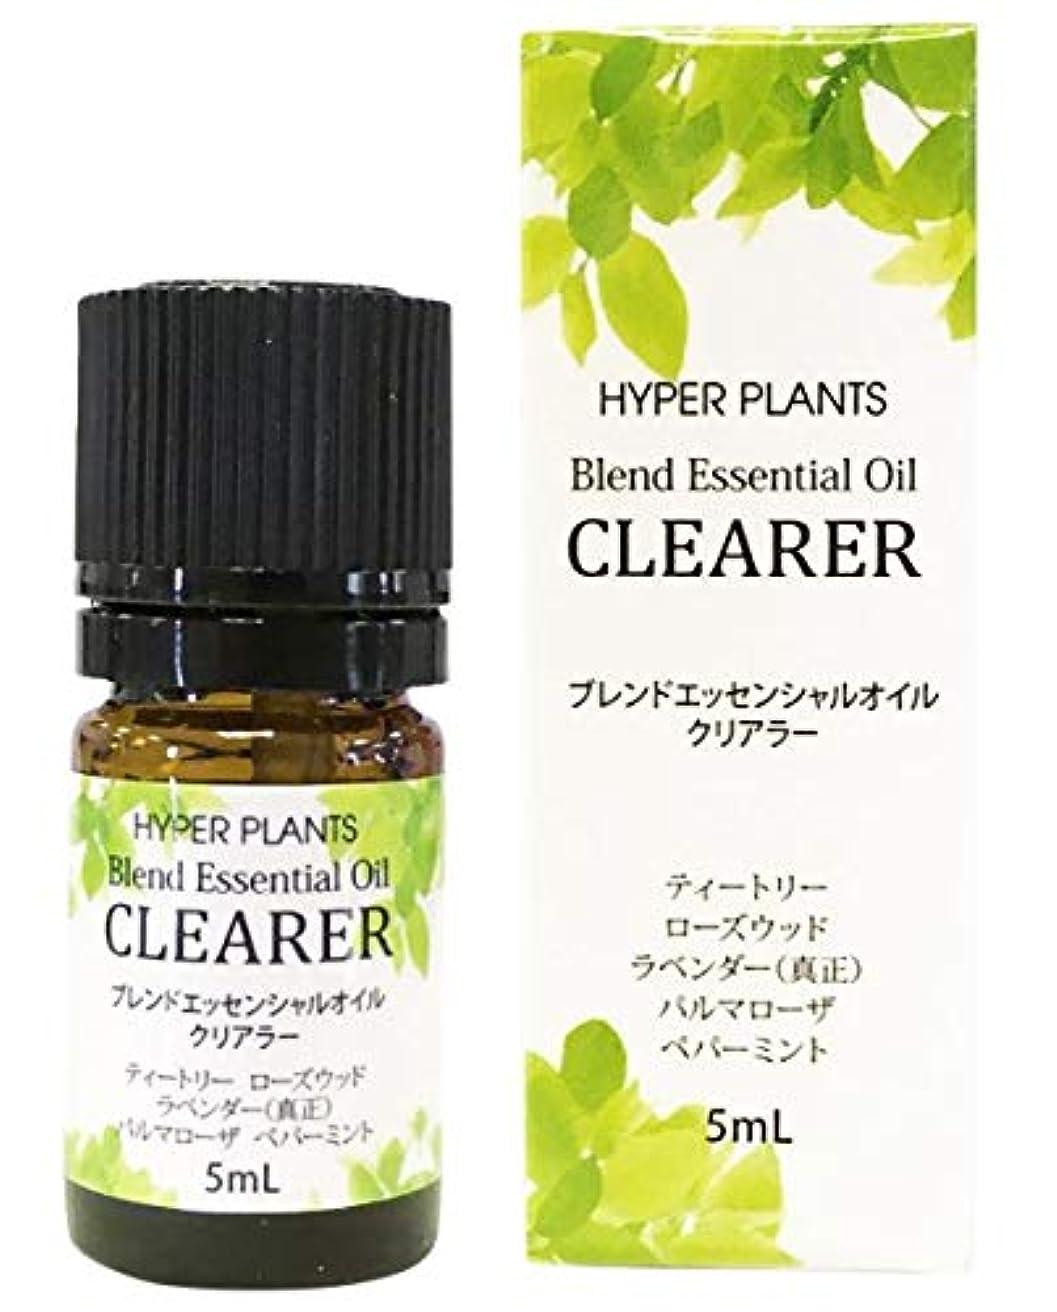 上へ骨の折れる独立したHYPER PLANTS ハイパープランツ ブレンドエッセンシャルオイル クリアラー 5ml